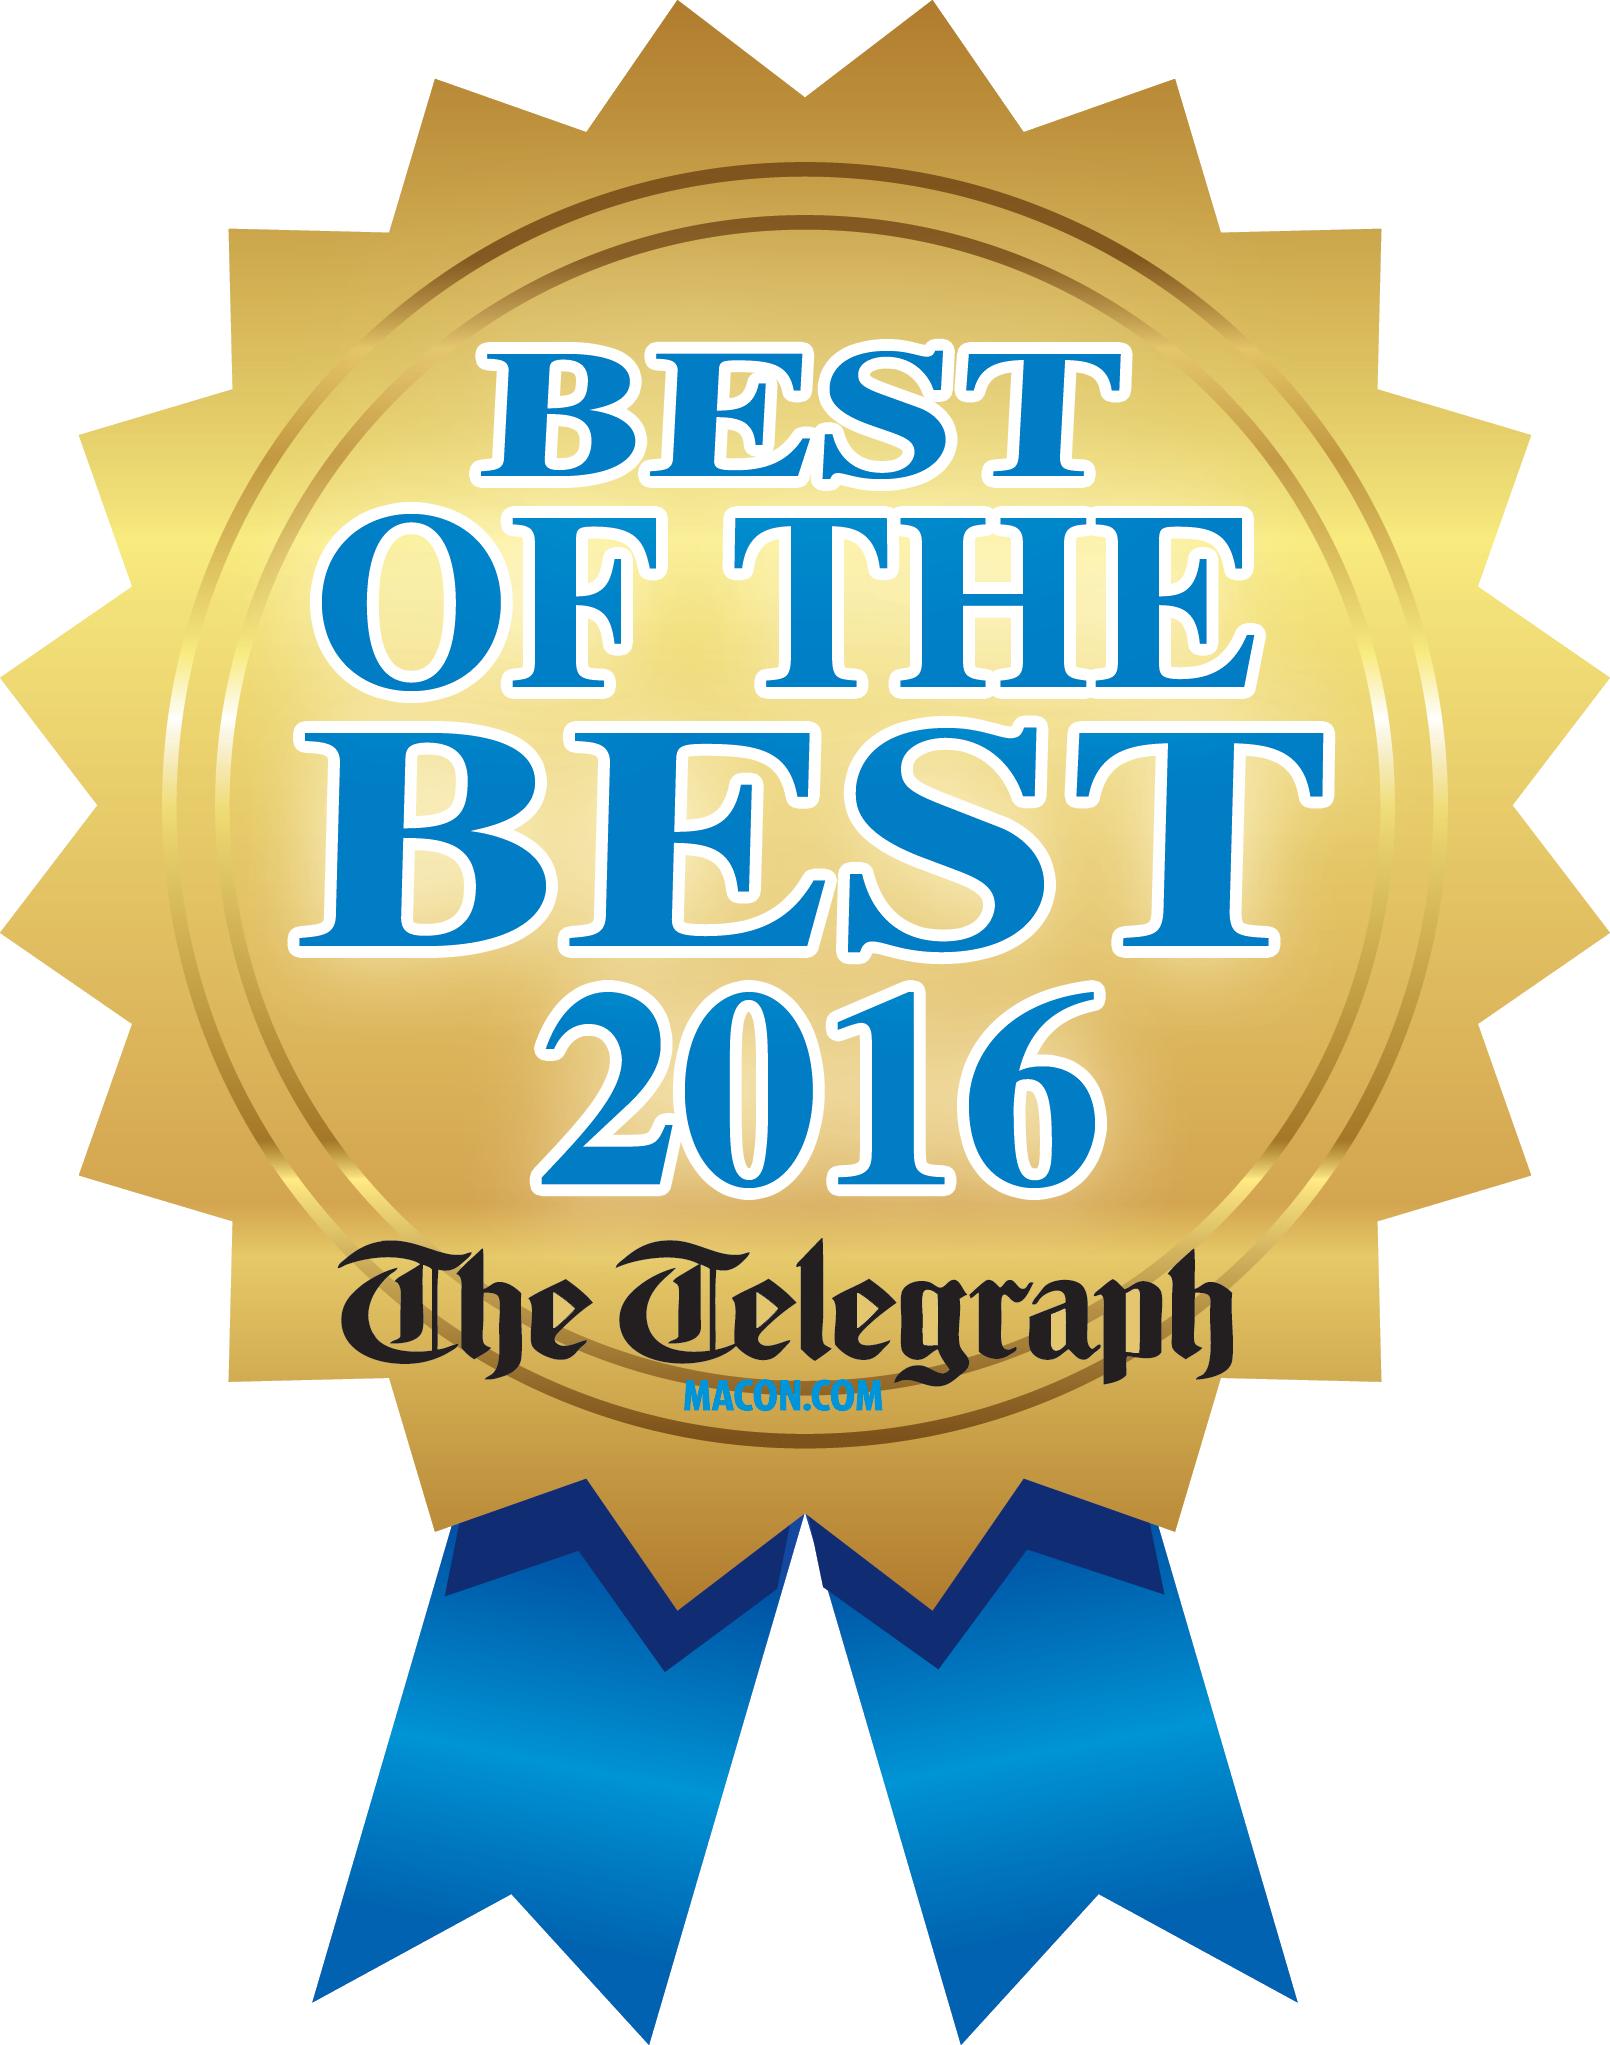 Best-of-Best-2016-ribbon-2